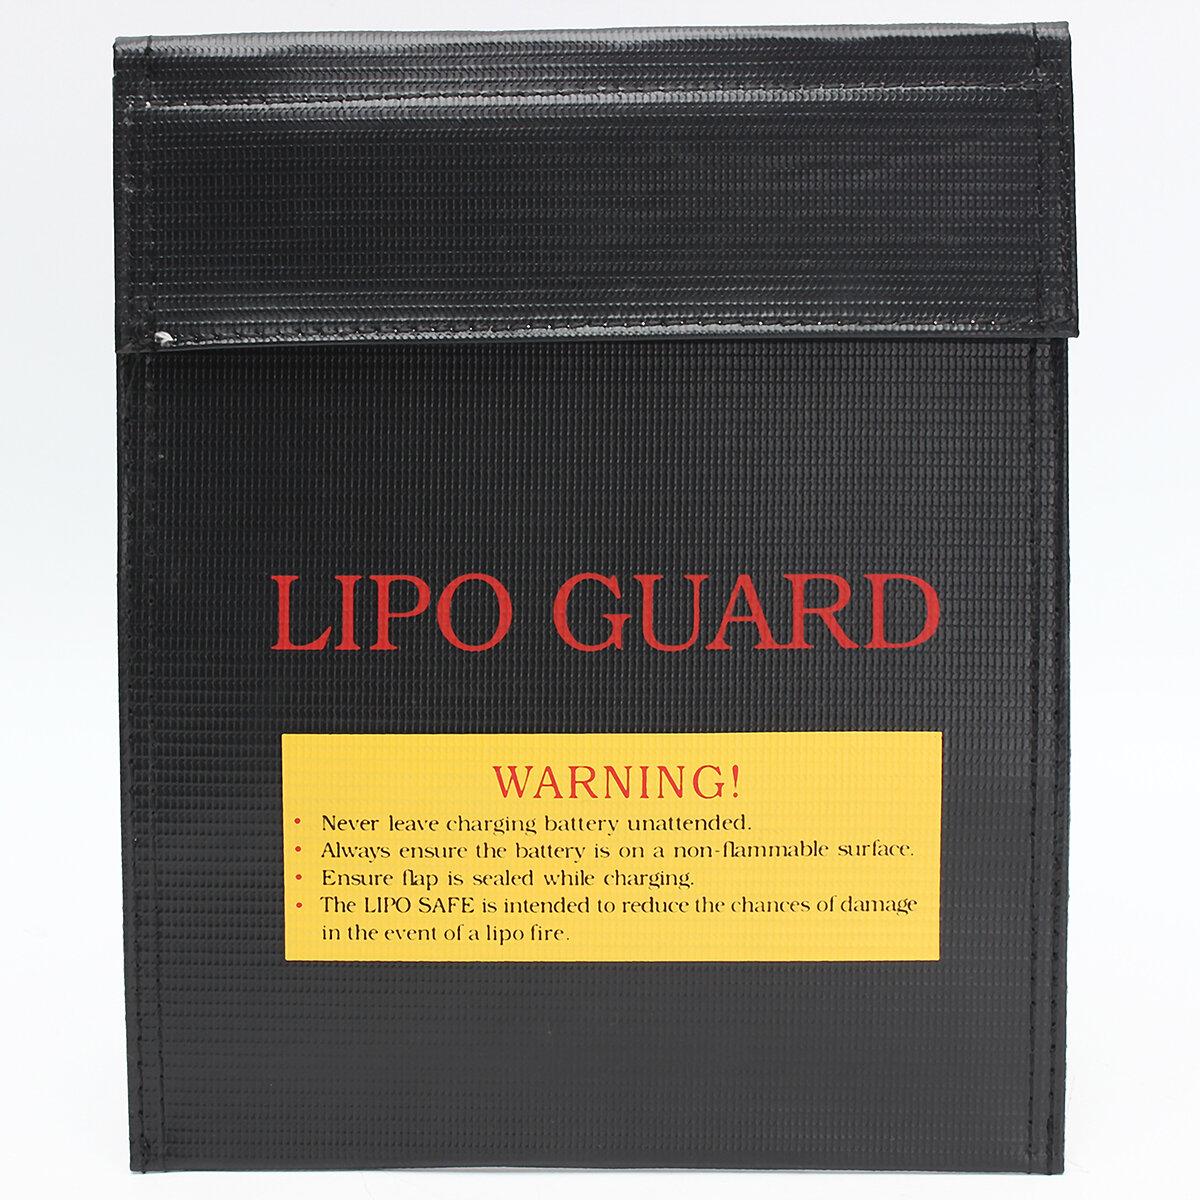 7 inch x 9 inch RC LiPo Bảo vệ pin Sạc Bảo vệ chống cháy nổ Túi an toàn chống cháy